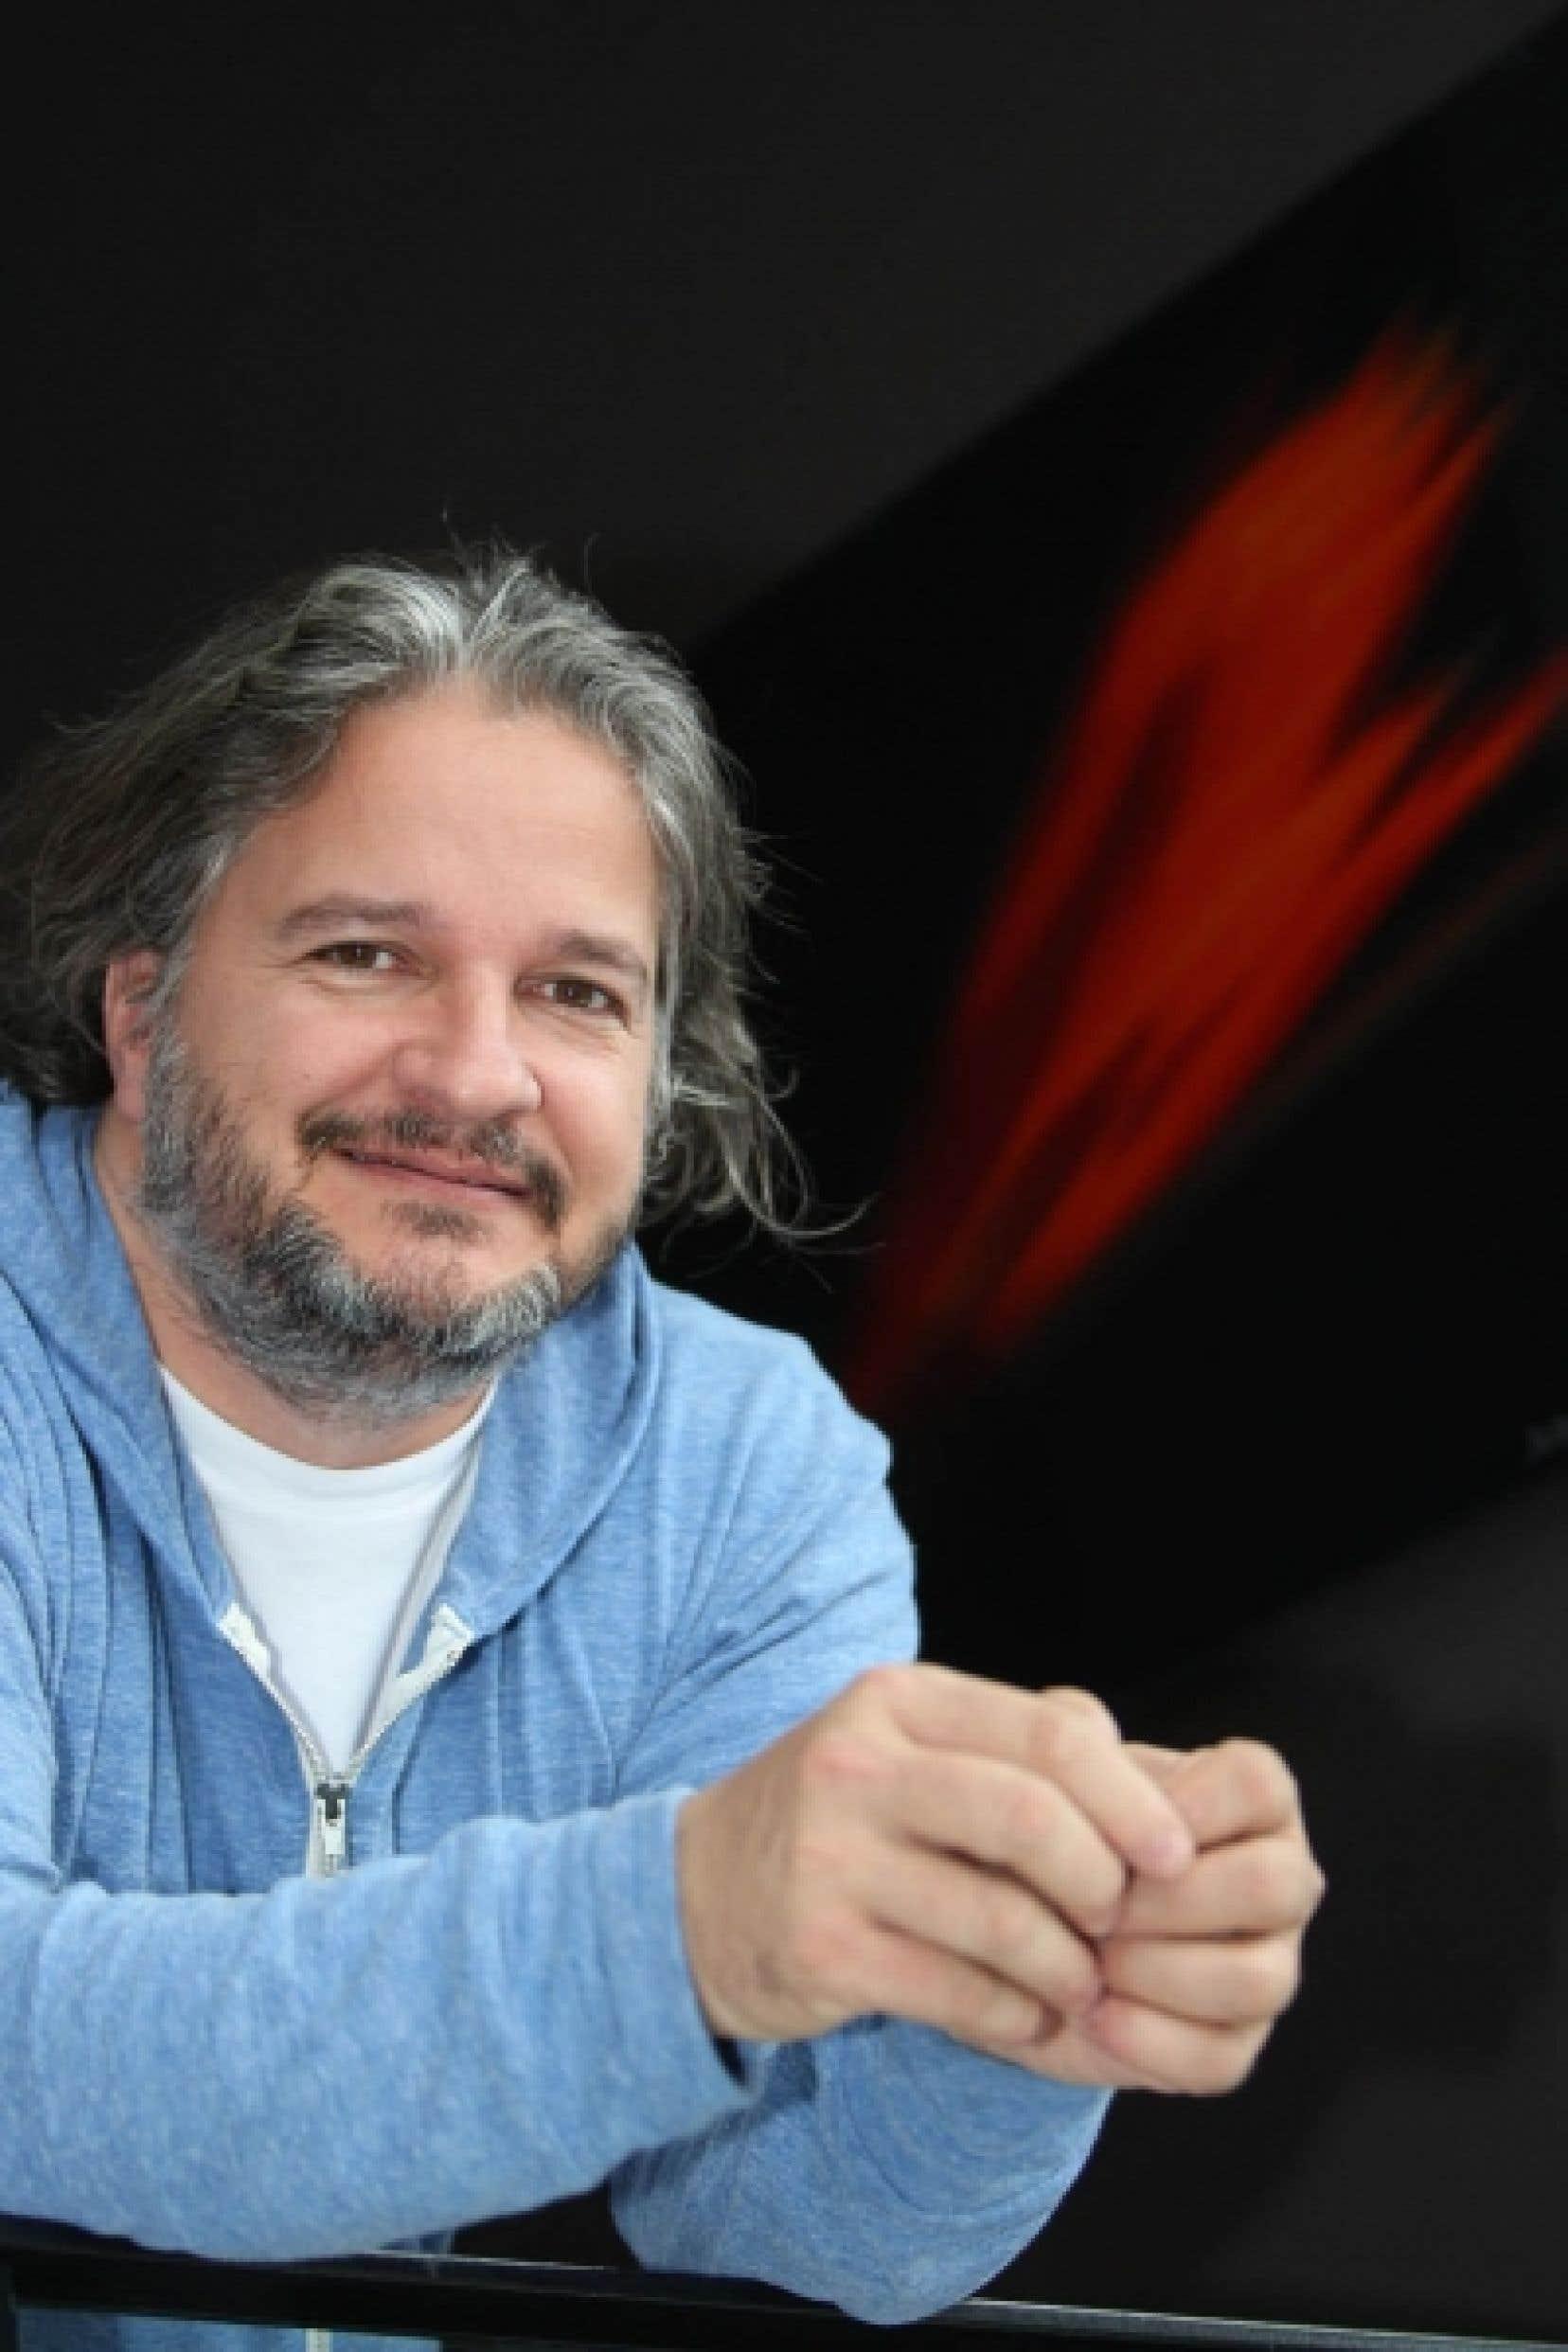 Daniel Bélanger entame sa tournée de l'album Nous un an après sa sortie.<br />